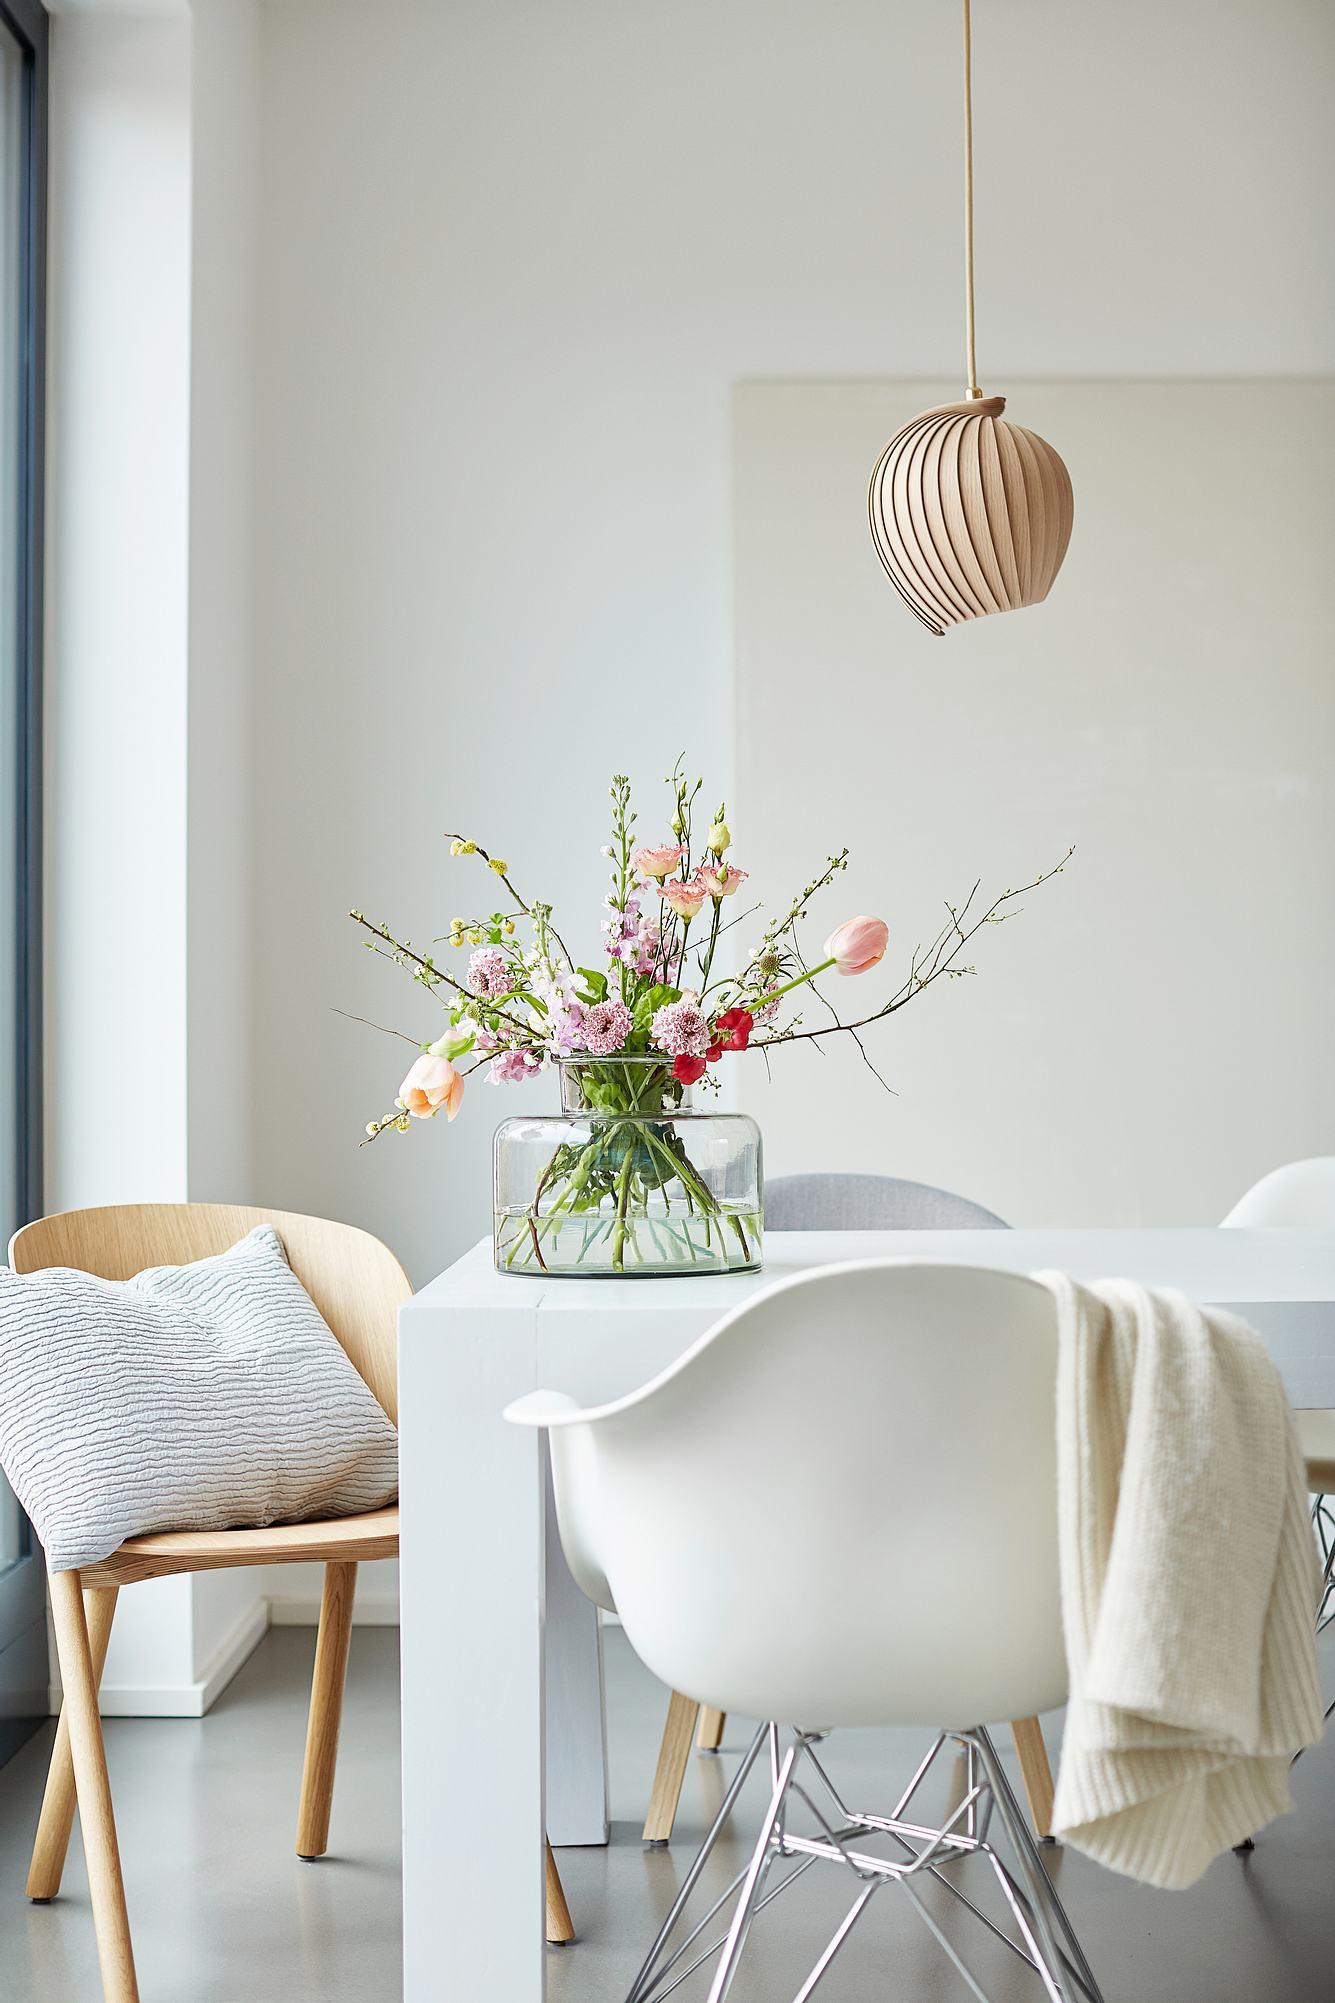 Vase befüllt mit Blumen steht auf einem Tisch.